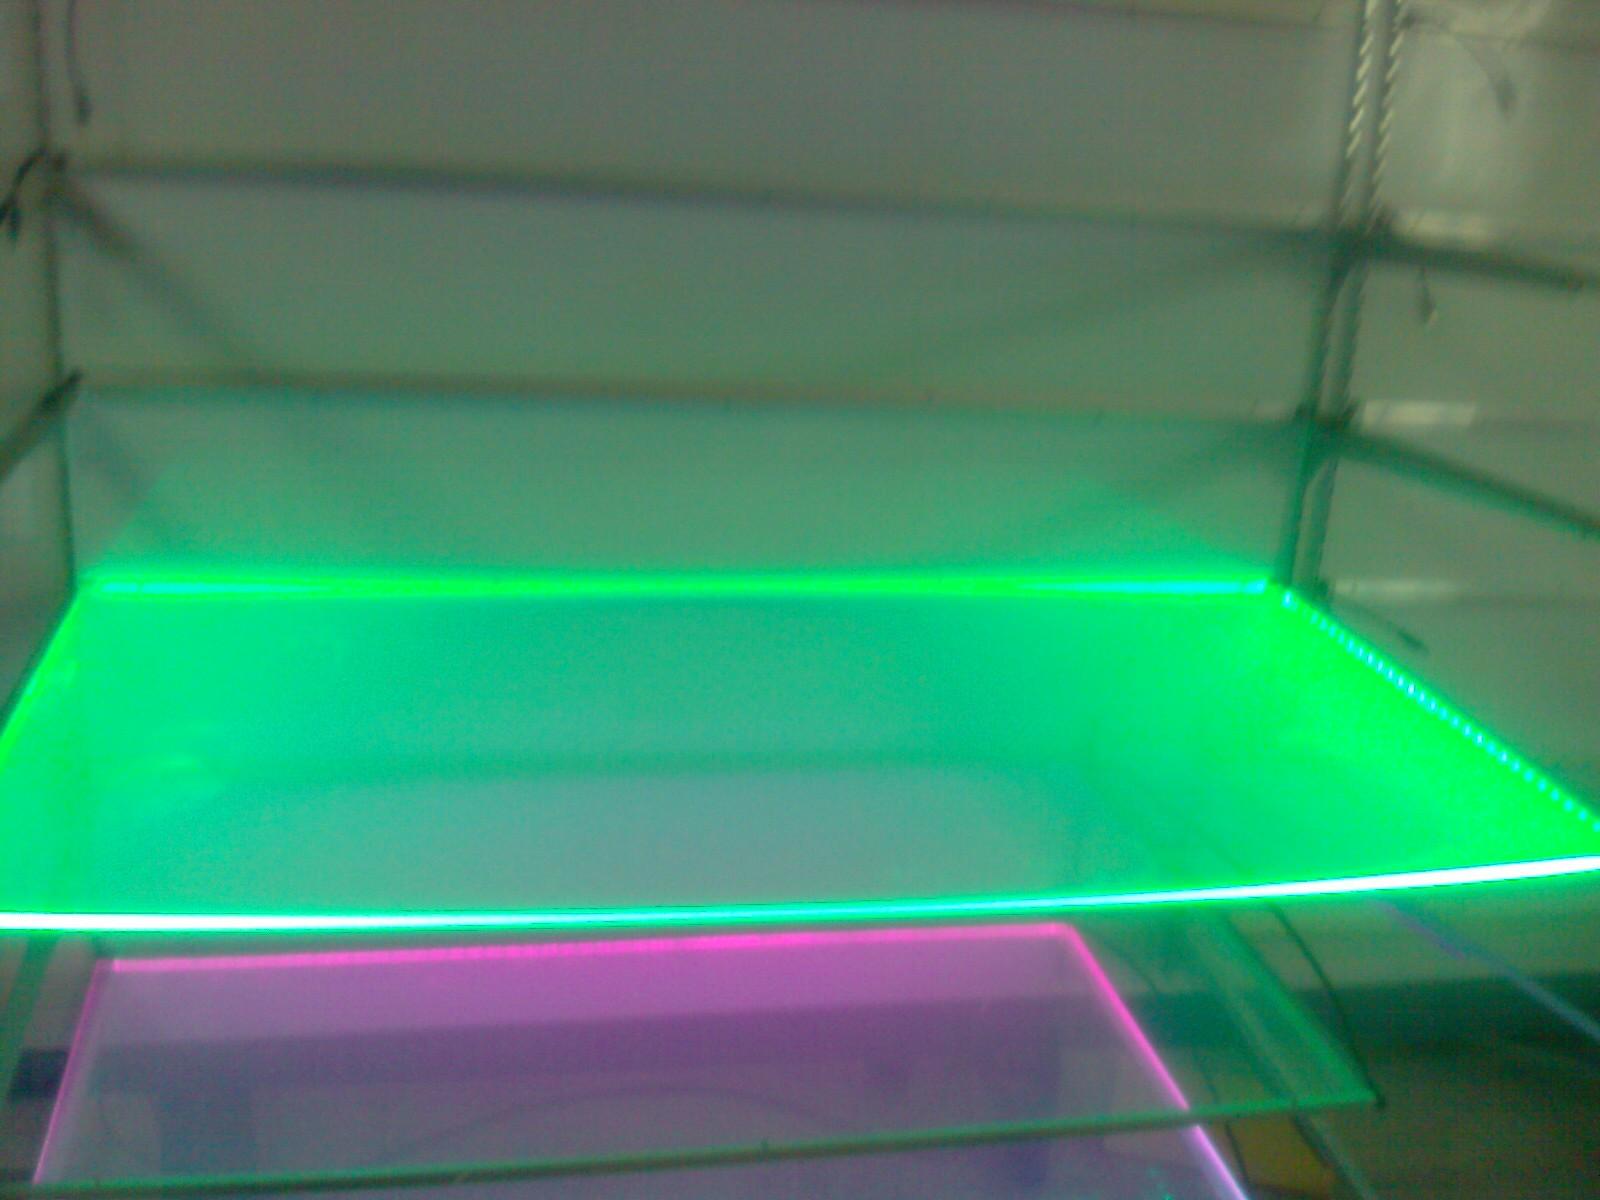 Tấm dẫn sáng Nhà sản xuất bán buôn tấm acrylic phát sáng nhập khẩu chất lượng cao